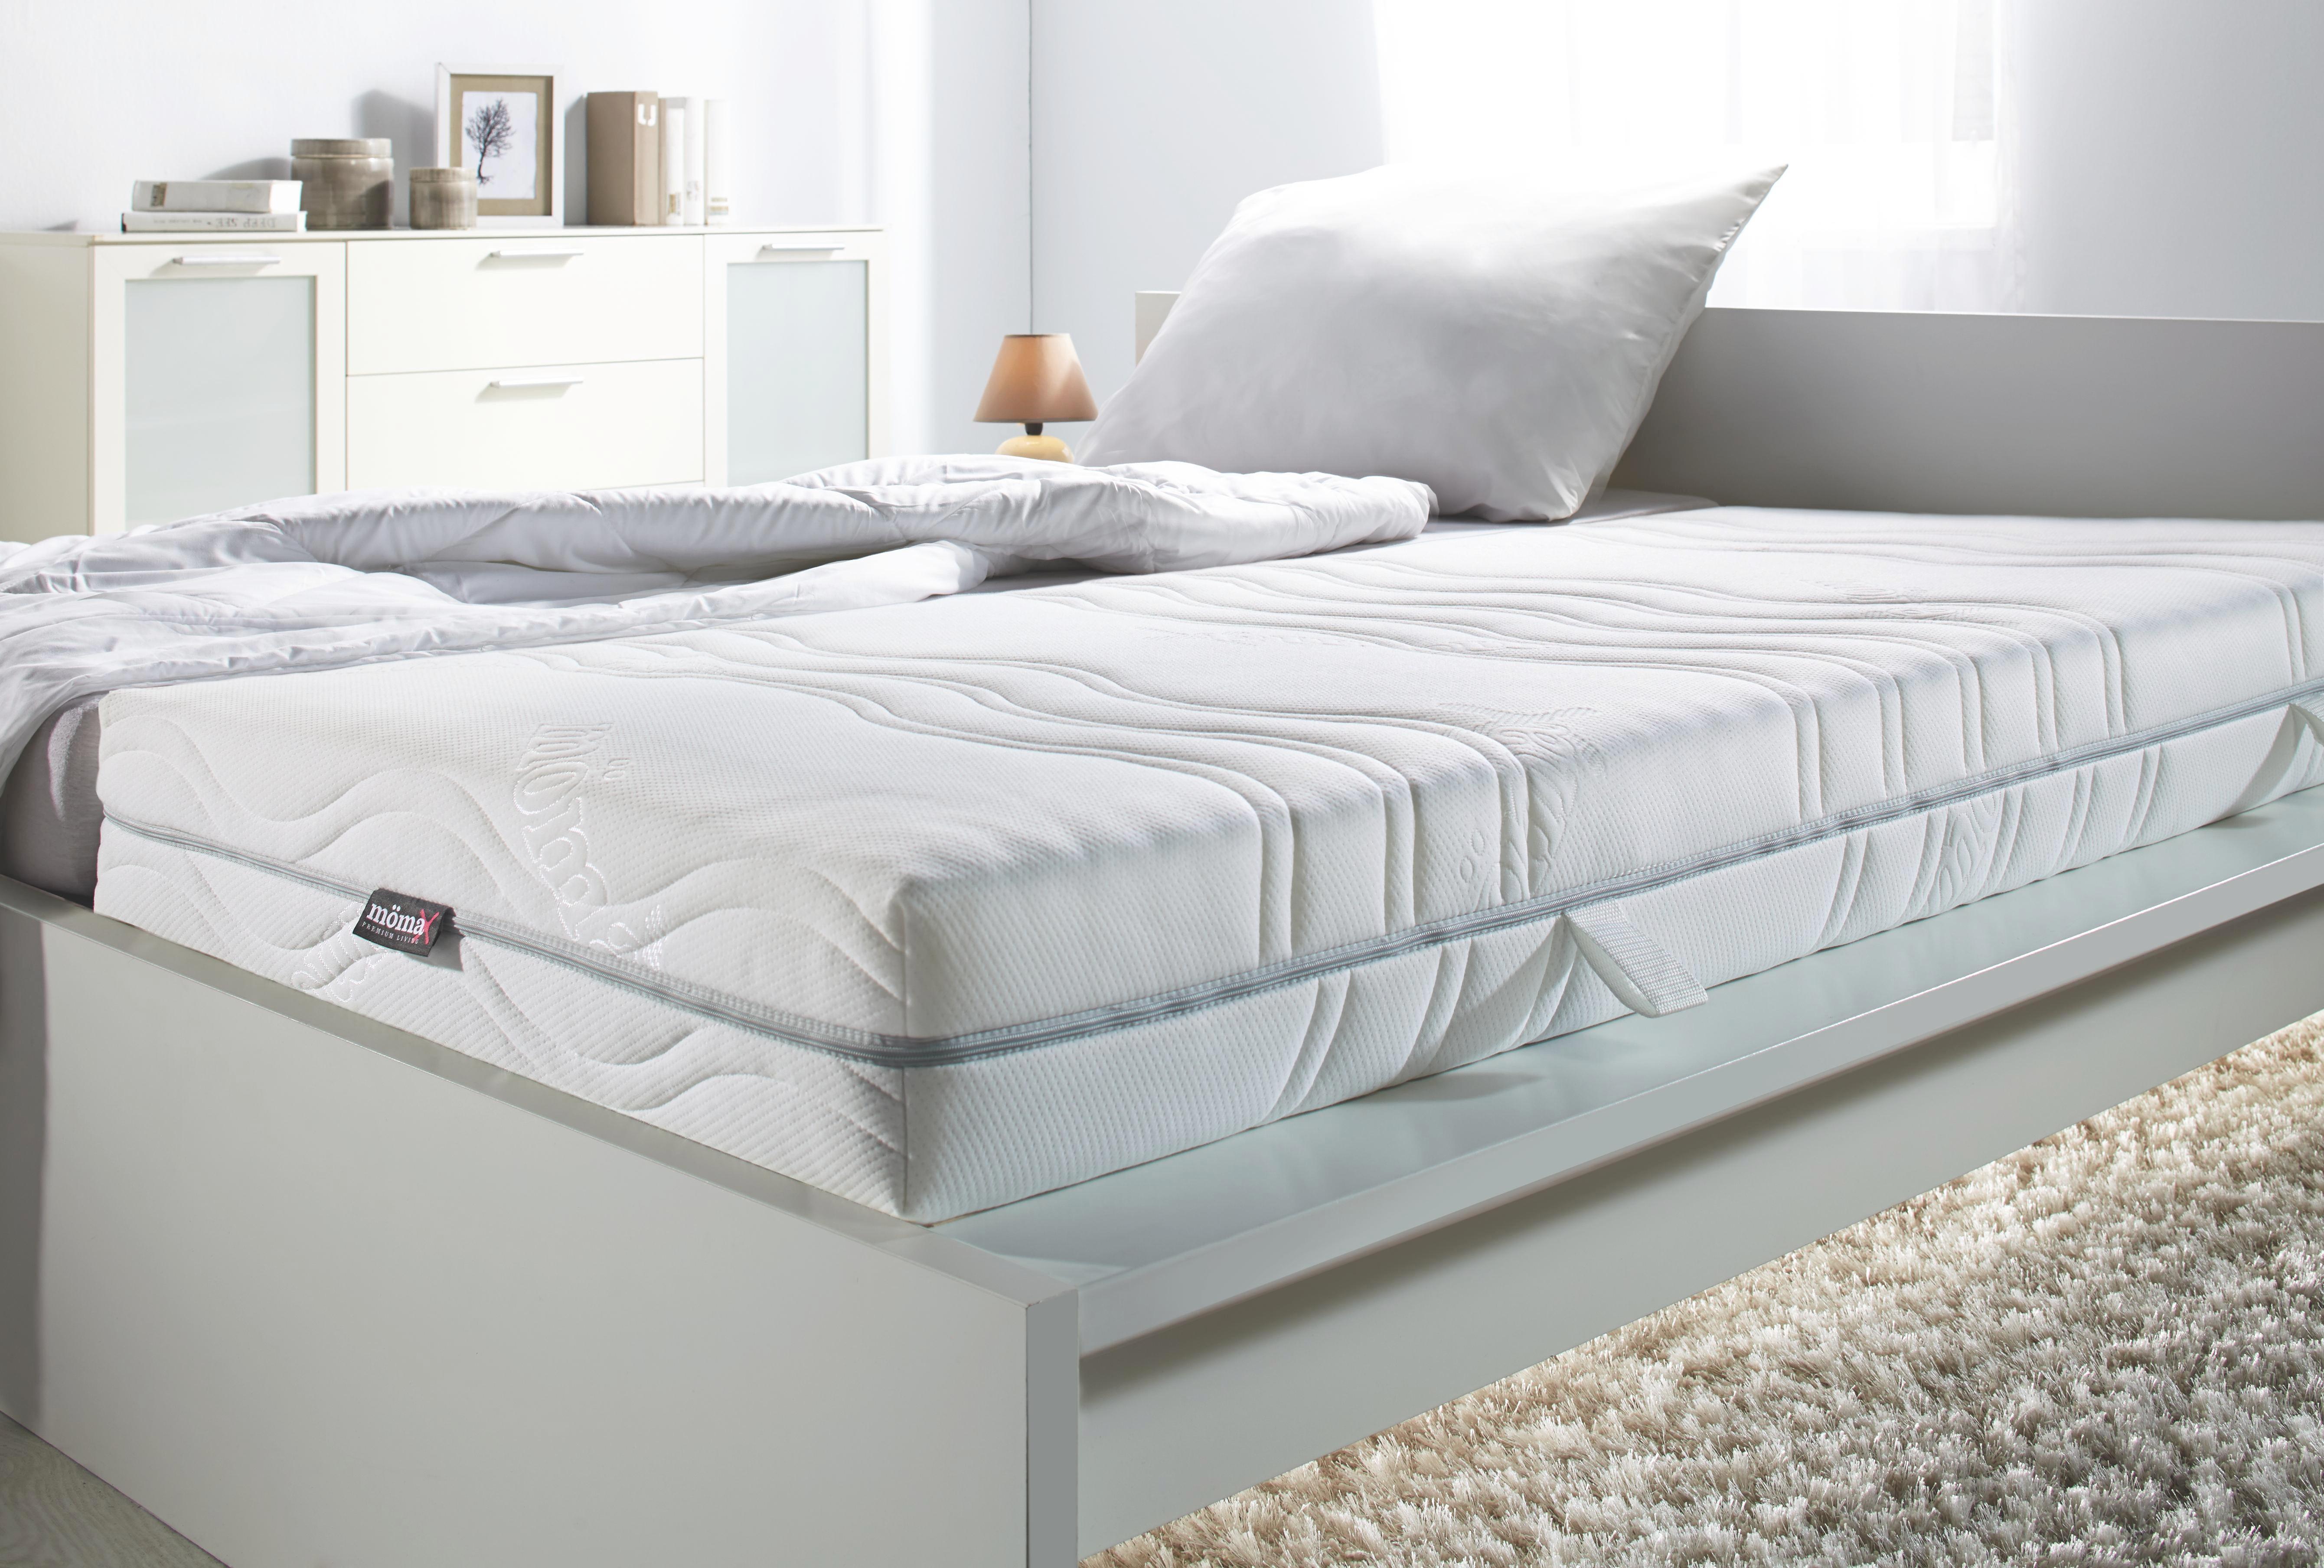 Komfortschaummatratze ca. 90x200cm - Weiß, Textil (200/90/18cm) - BASED